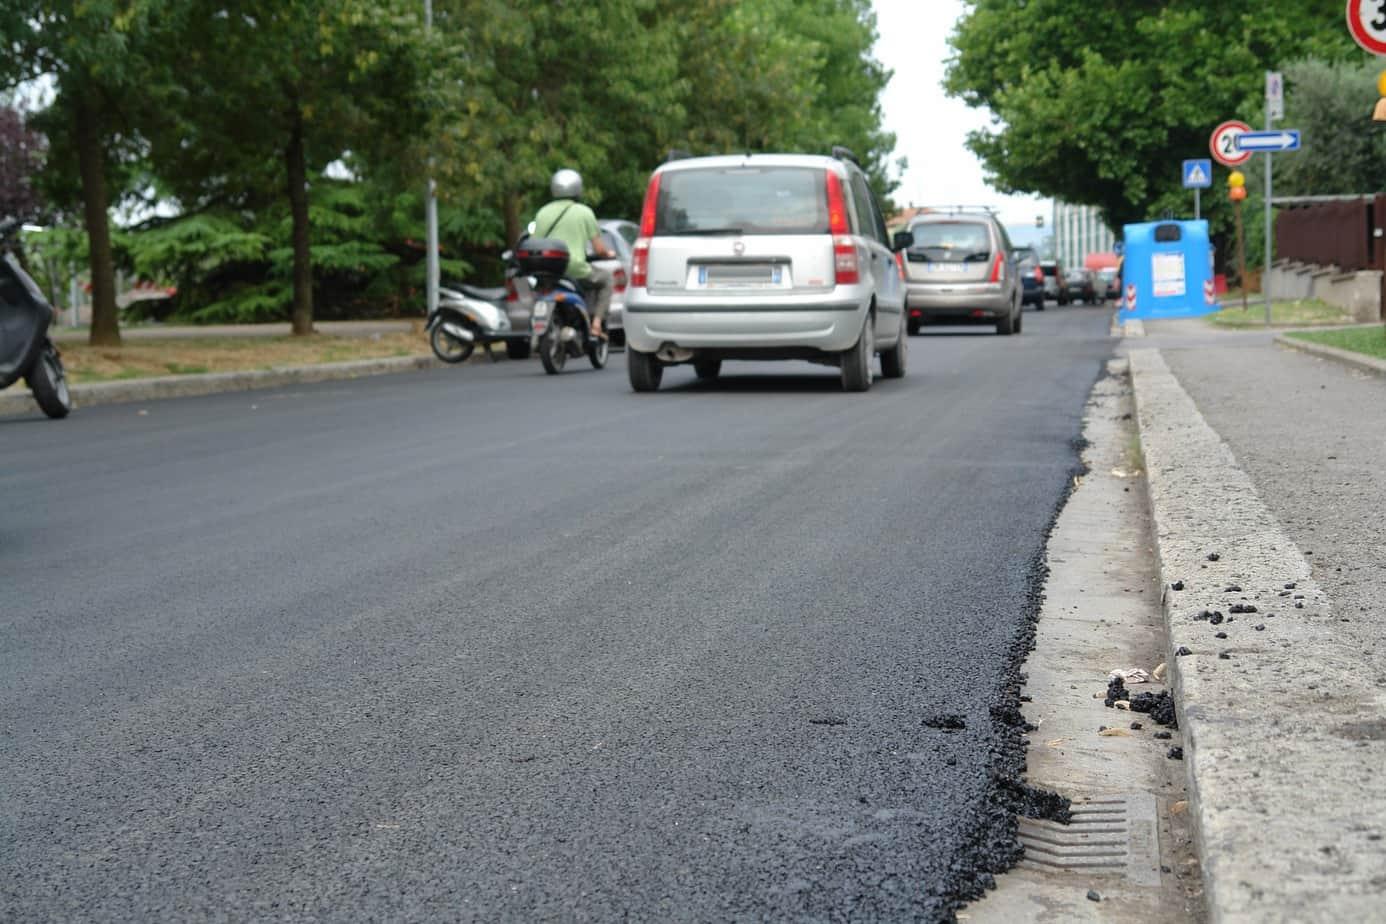 """Alcuni studi hanno dimostrato che gli """"asfalti gommati"""" determinano un minor consumo di battistrada rispetto ai manti convenzionali, riducendo quindi l'emissione di particolato fine nell'ambiente"""